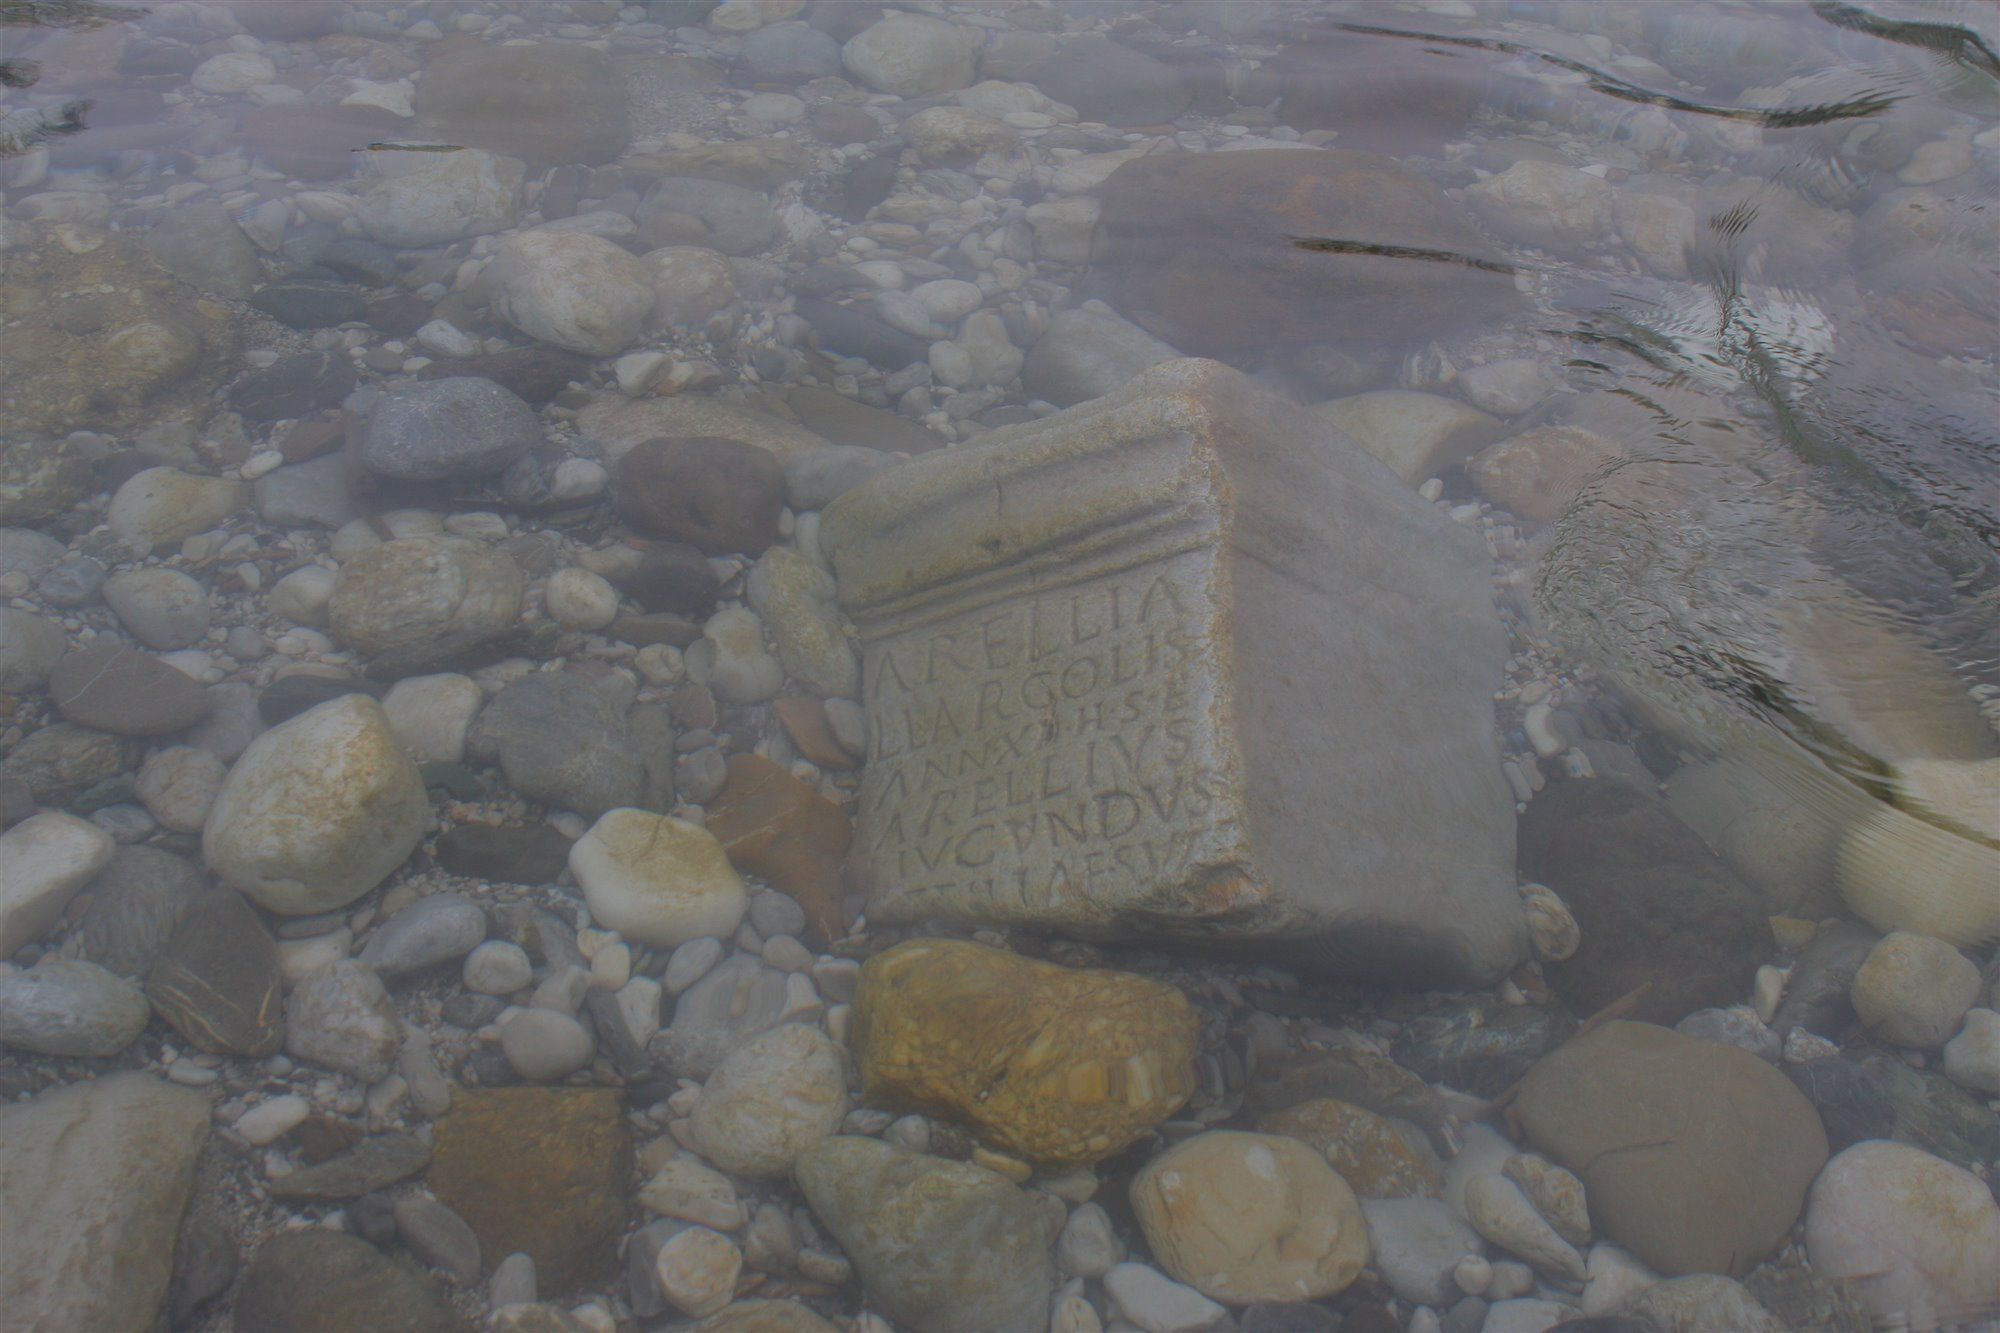 Hallada una lápida romana en un río de Eslovenia... ¿Cómo llegó hasta ahí?